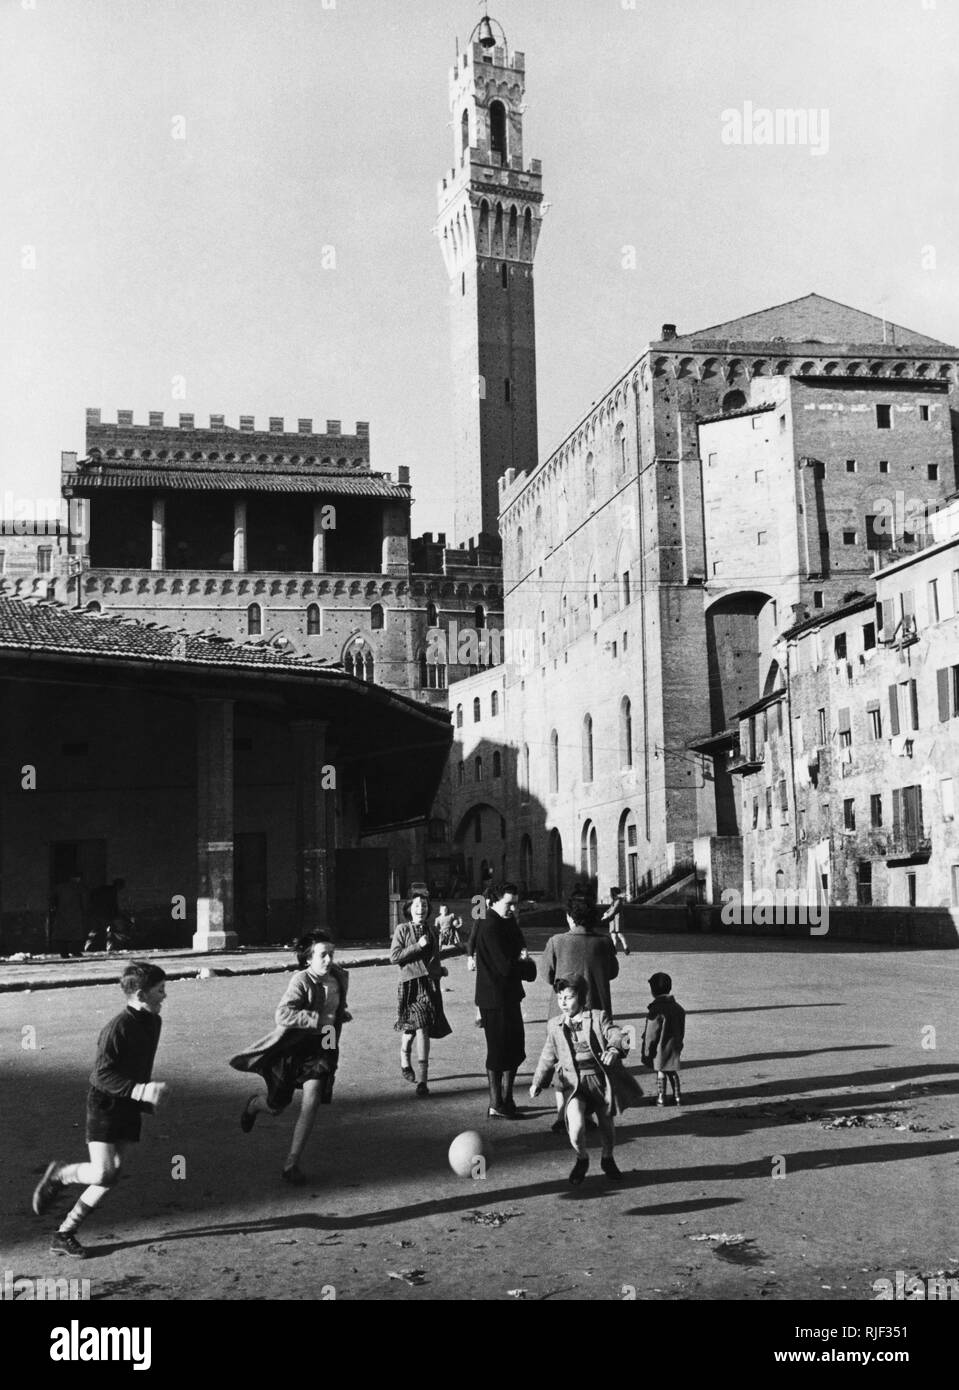 piazza del mercato, siena, tuscany, italy 1958 - Stock Image